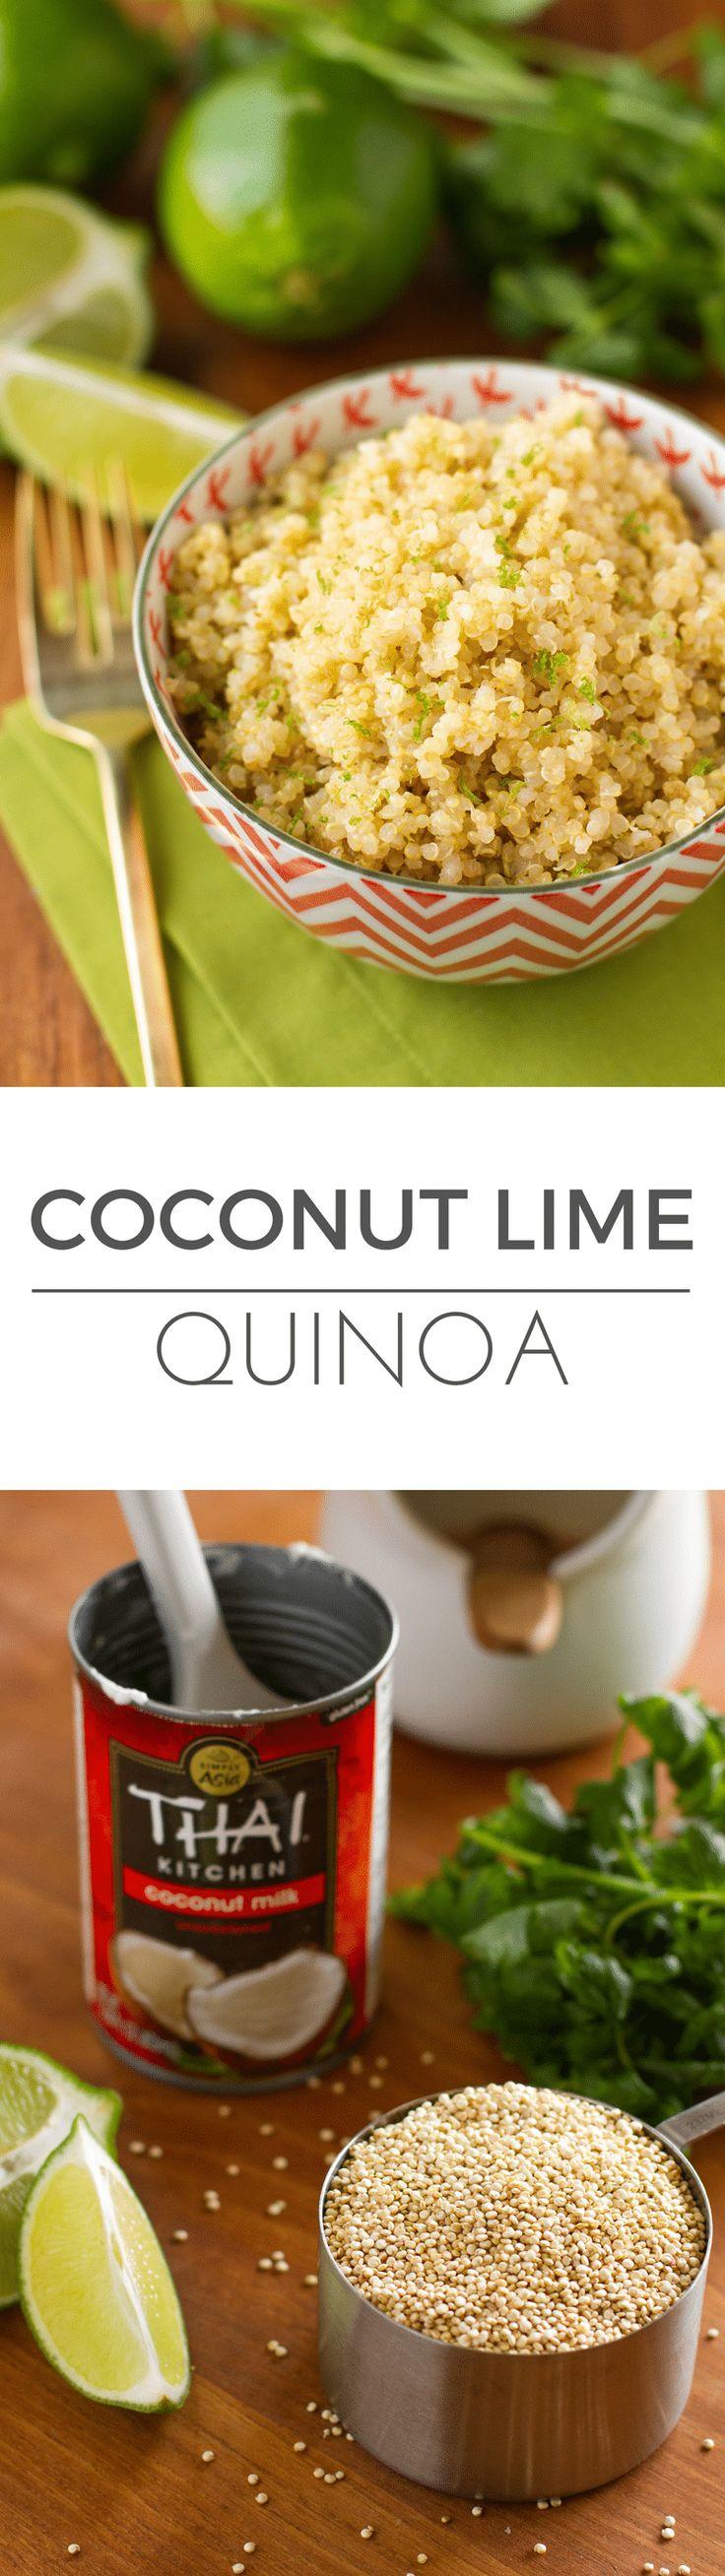 Coconut Lime Quinoa Quinoa Reciperice Cookermeatless